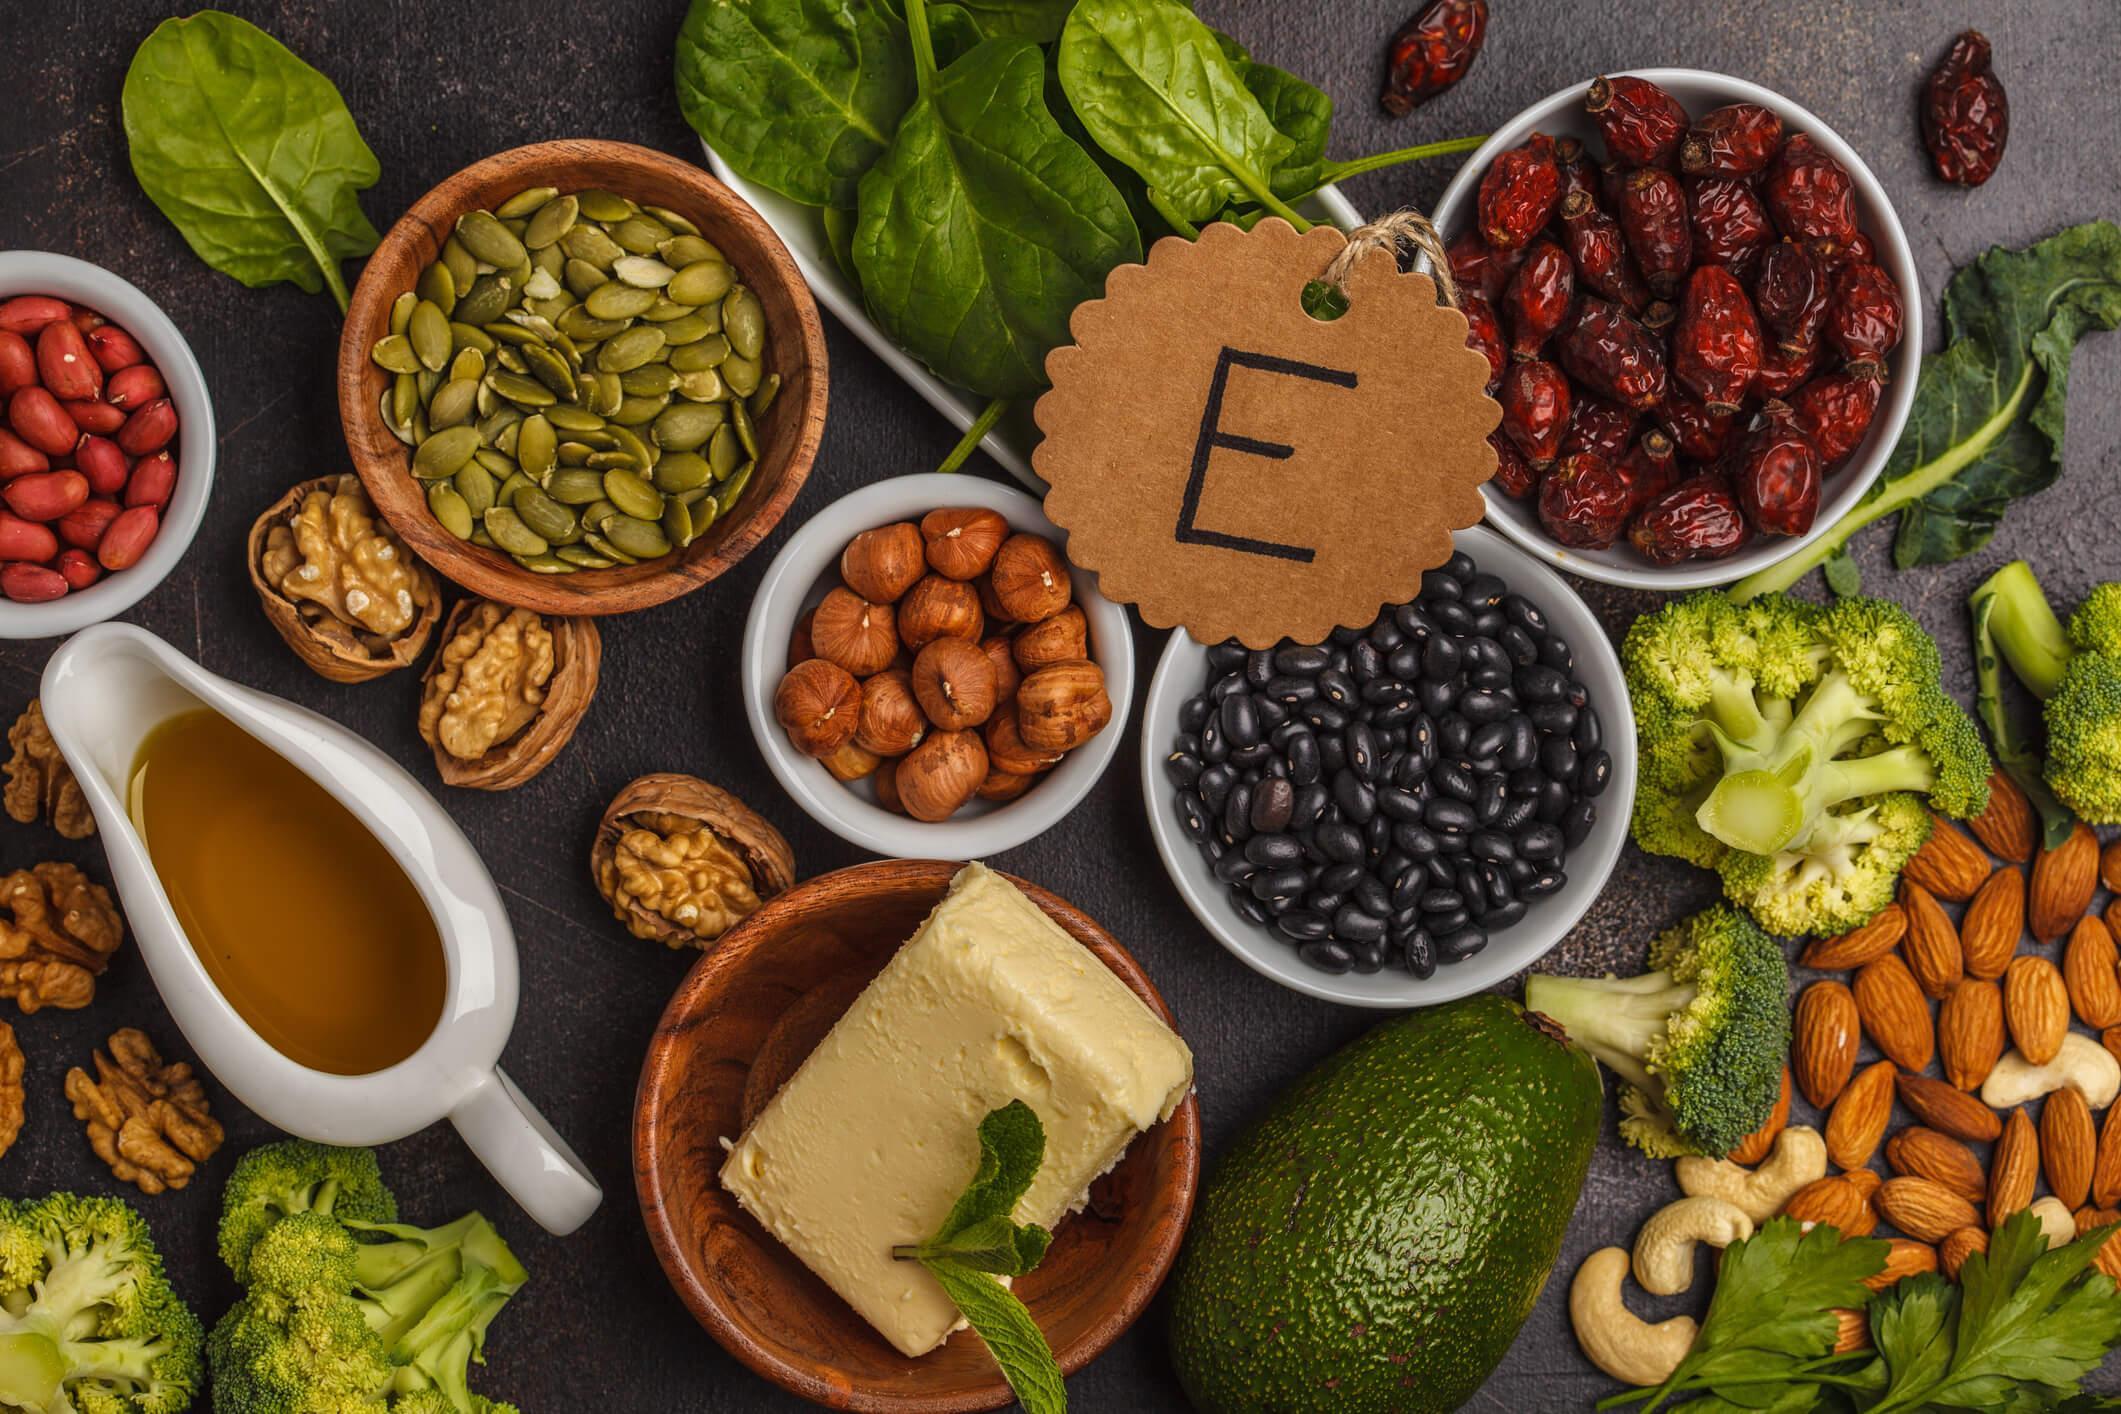 Bra mat med vitamin E - tokoferol som är bra för att bli brun snabbt